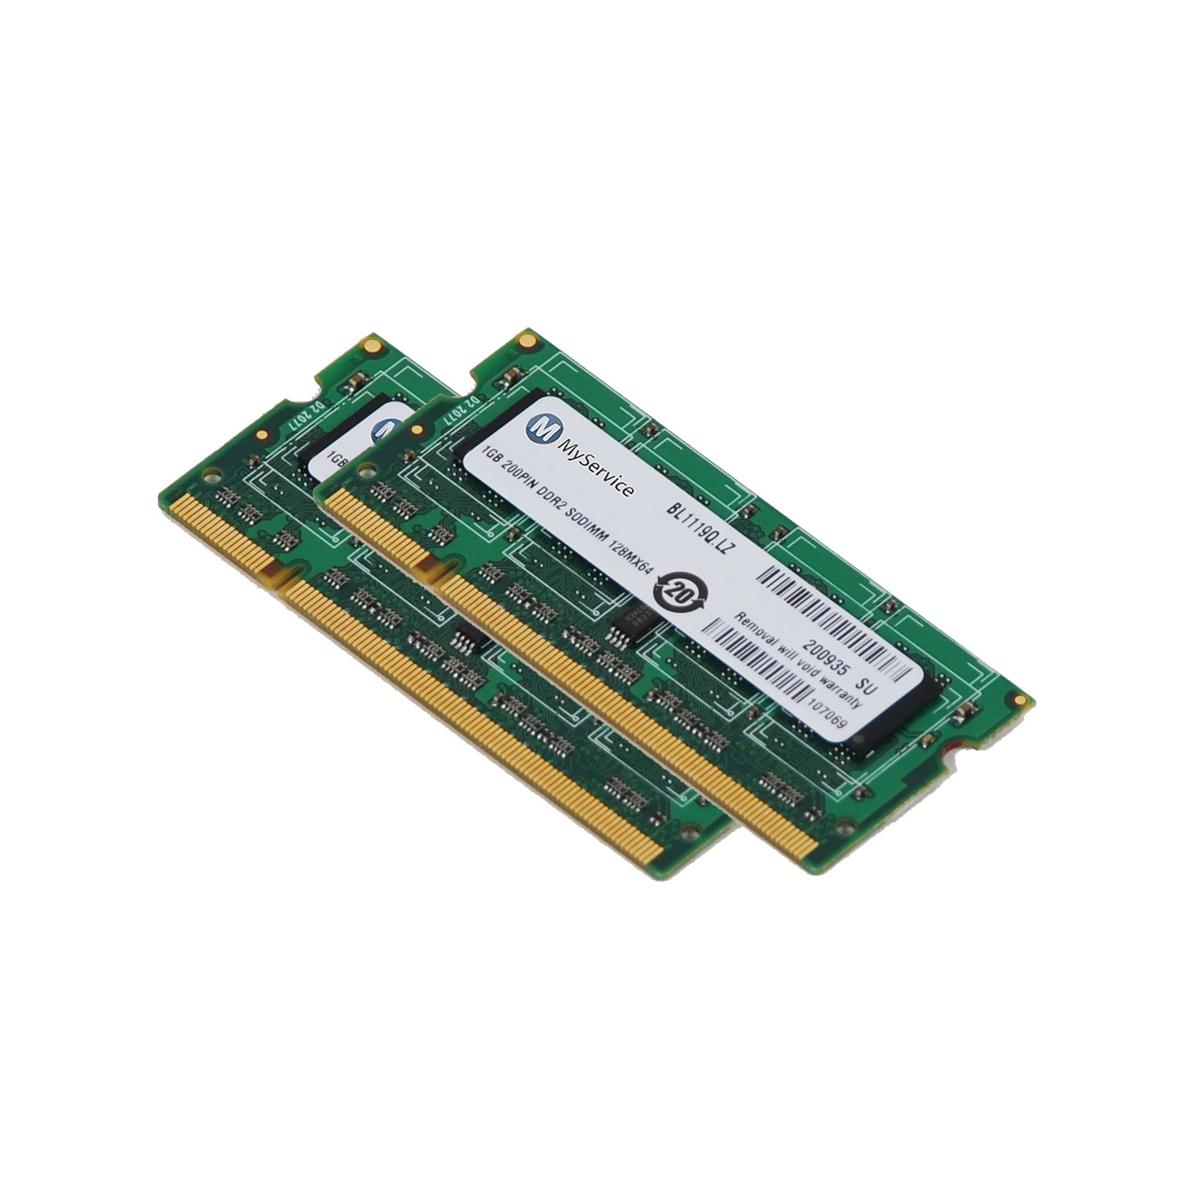 BIOSTAR TB85 LGA 1150 Intel B85 SATA 6Gb/s USB 3.0